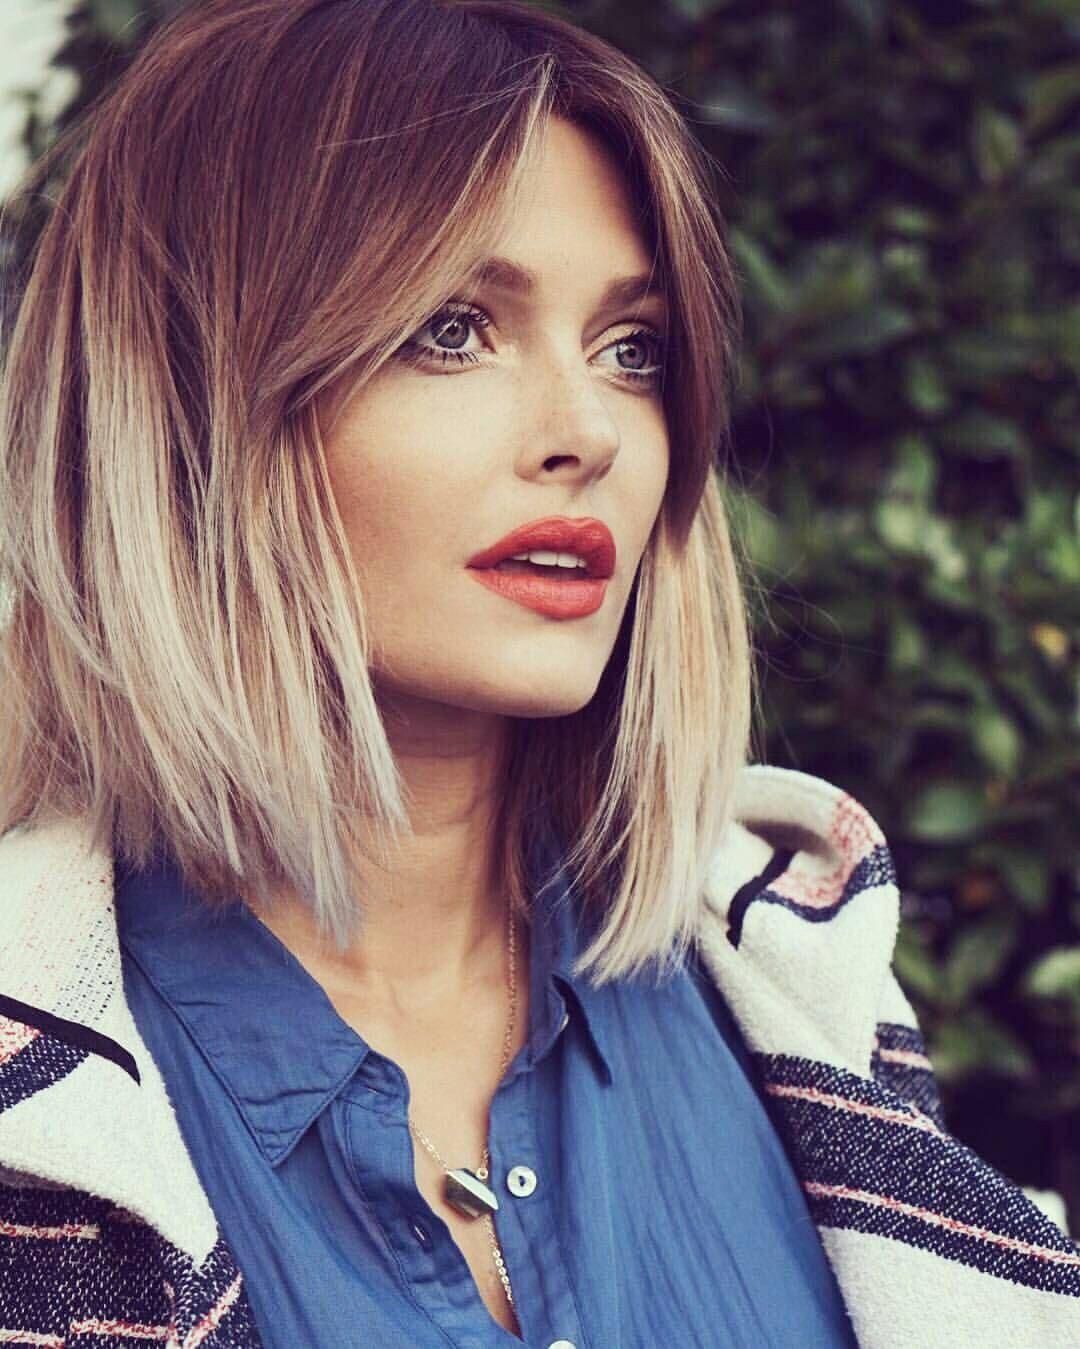 Pin By Jennifer Welch On Hair In 2019 Hair Lengths Thin Hair Cuts